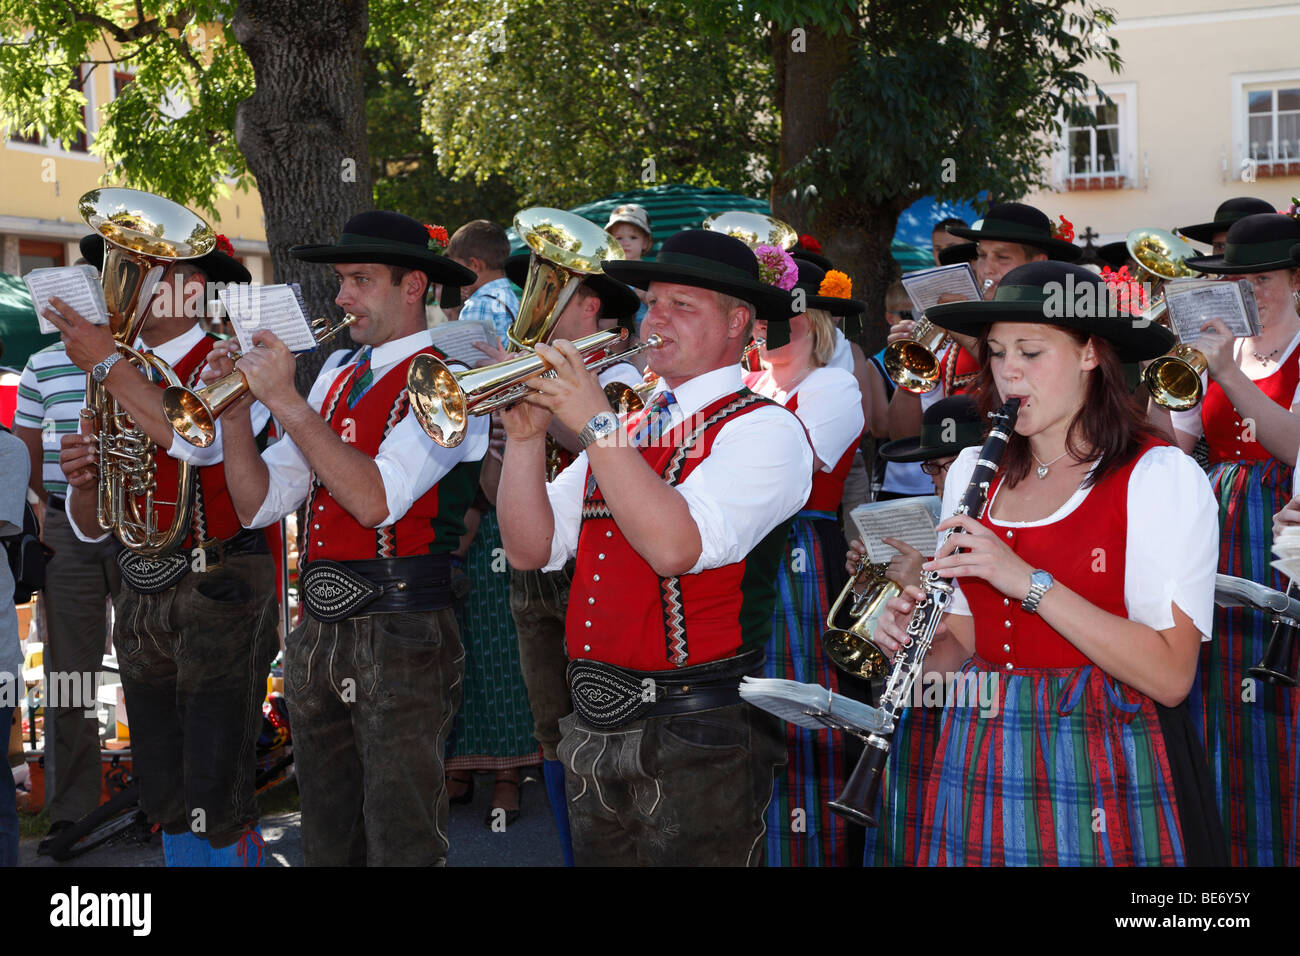 Volksmusik-Band bei der Samson-Parade in Mariapfarr, Lungau, Salzburg, Salzburg, Österreich, Europa Stockbild